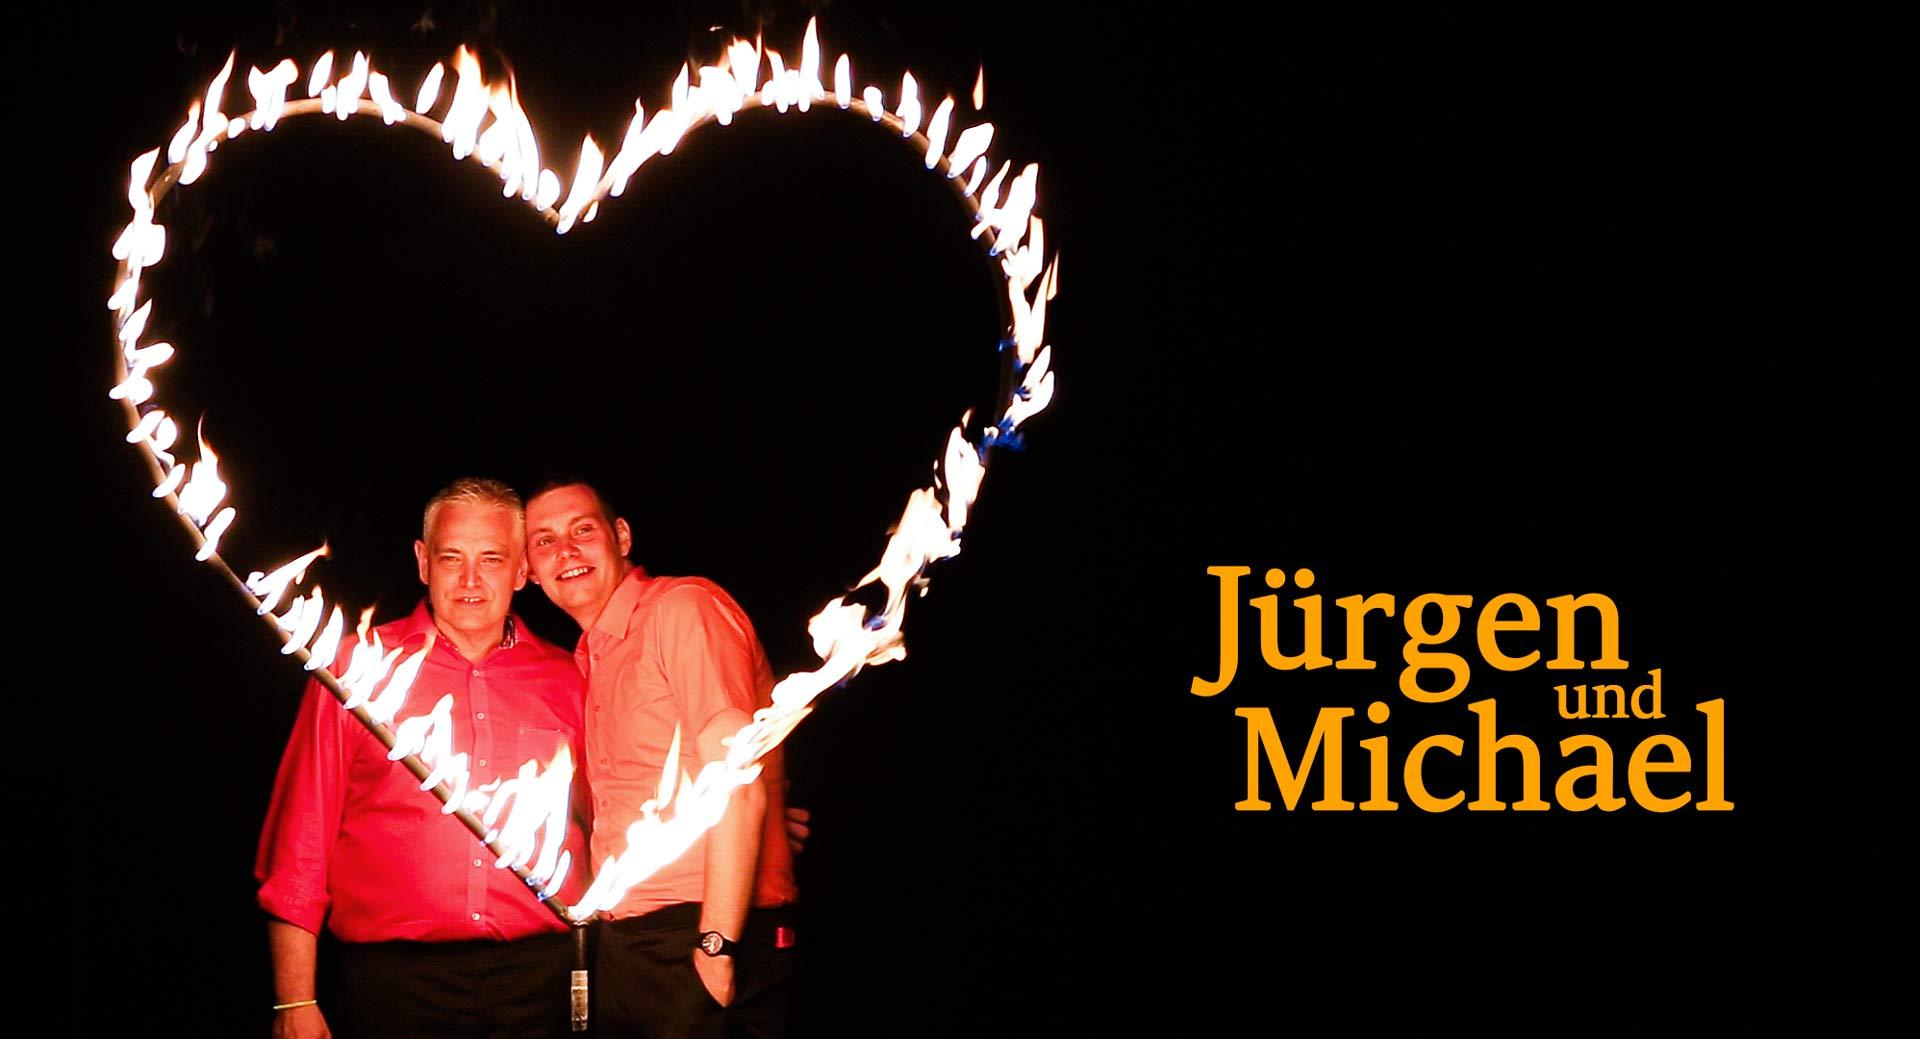 cartel-michael-und-jurgen